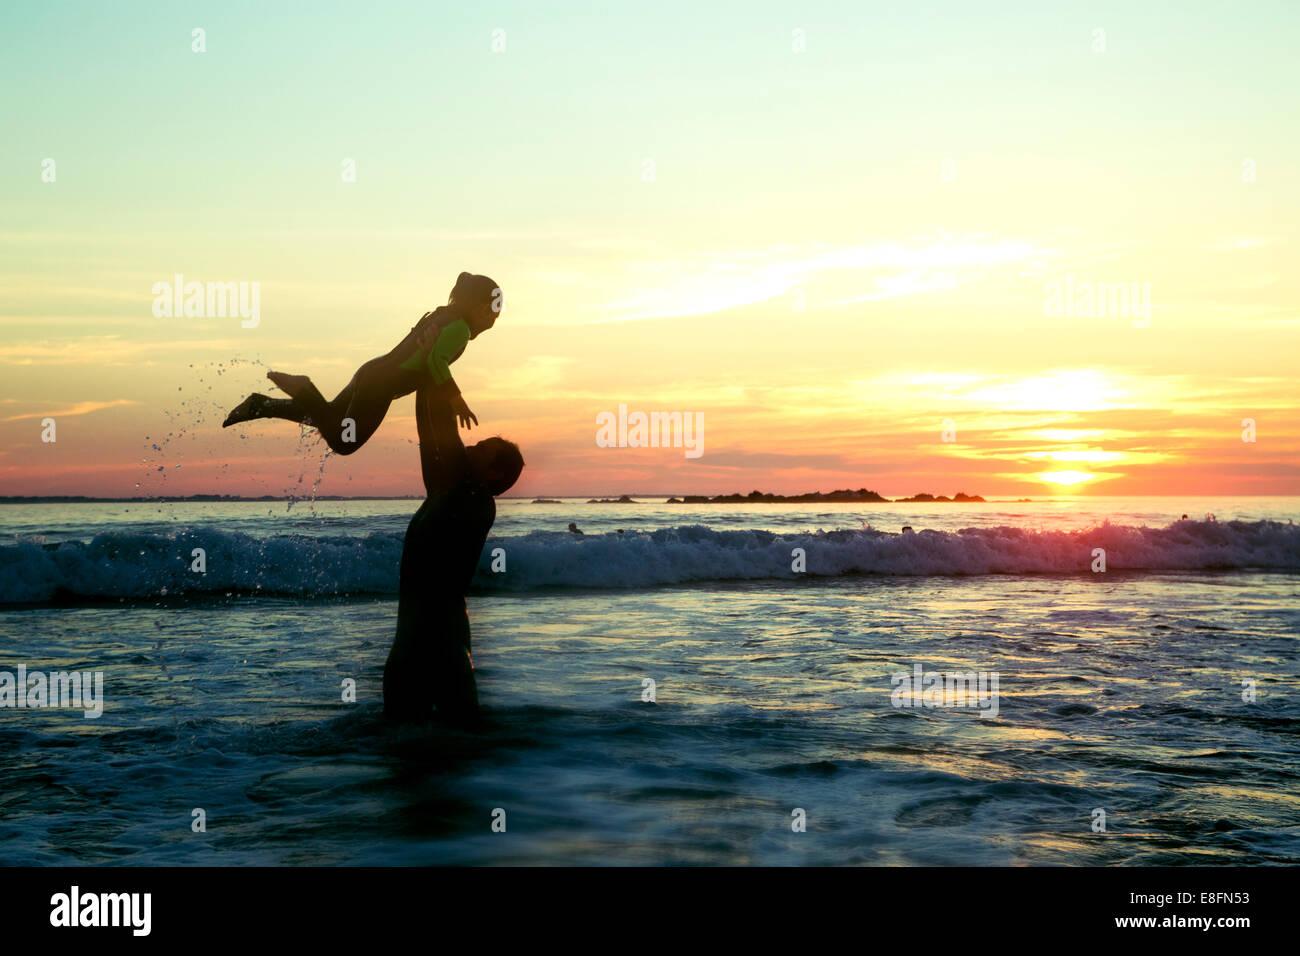 Südafrika, Western Cape, Cape Town, Silhouette von Vater und Tochter (4-5) am Strand bei Sonnenuntergang Stockbild